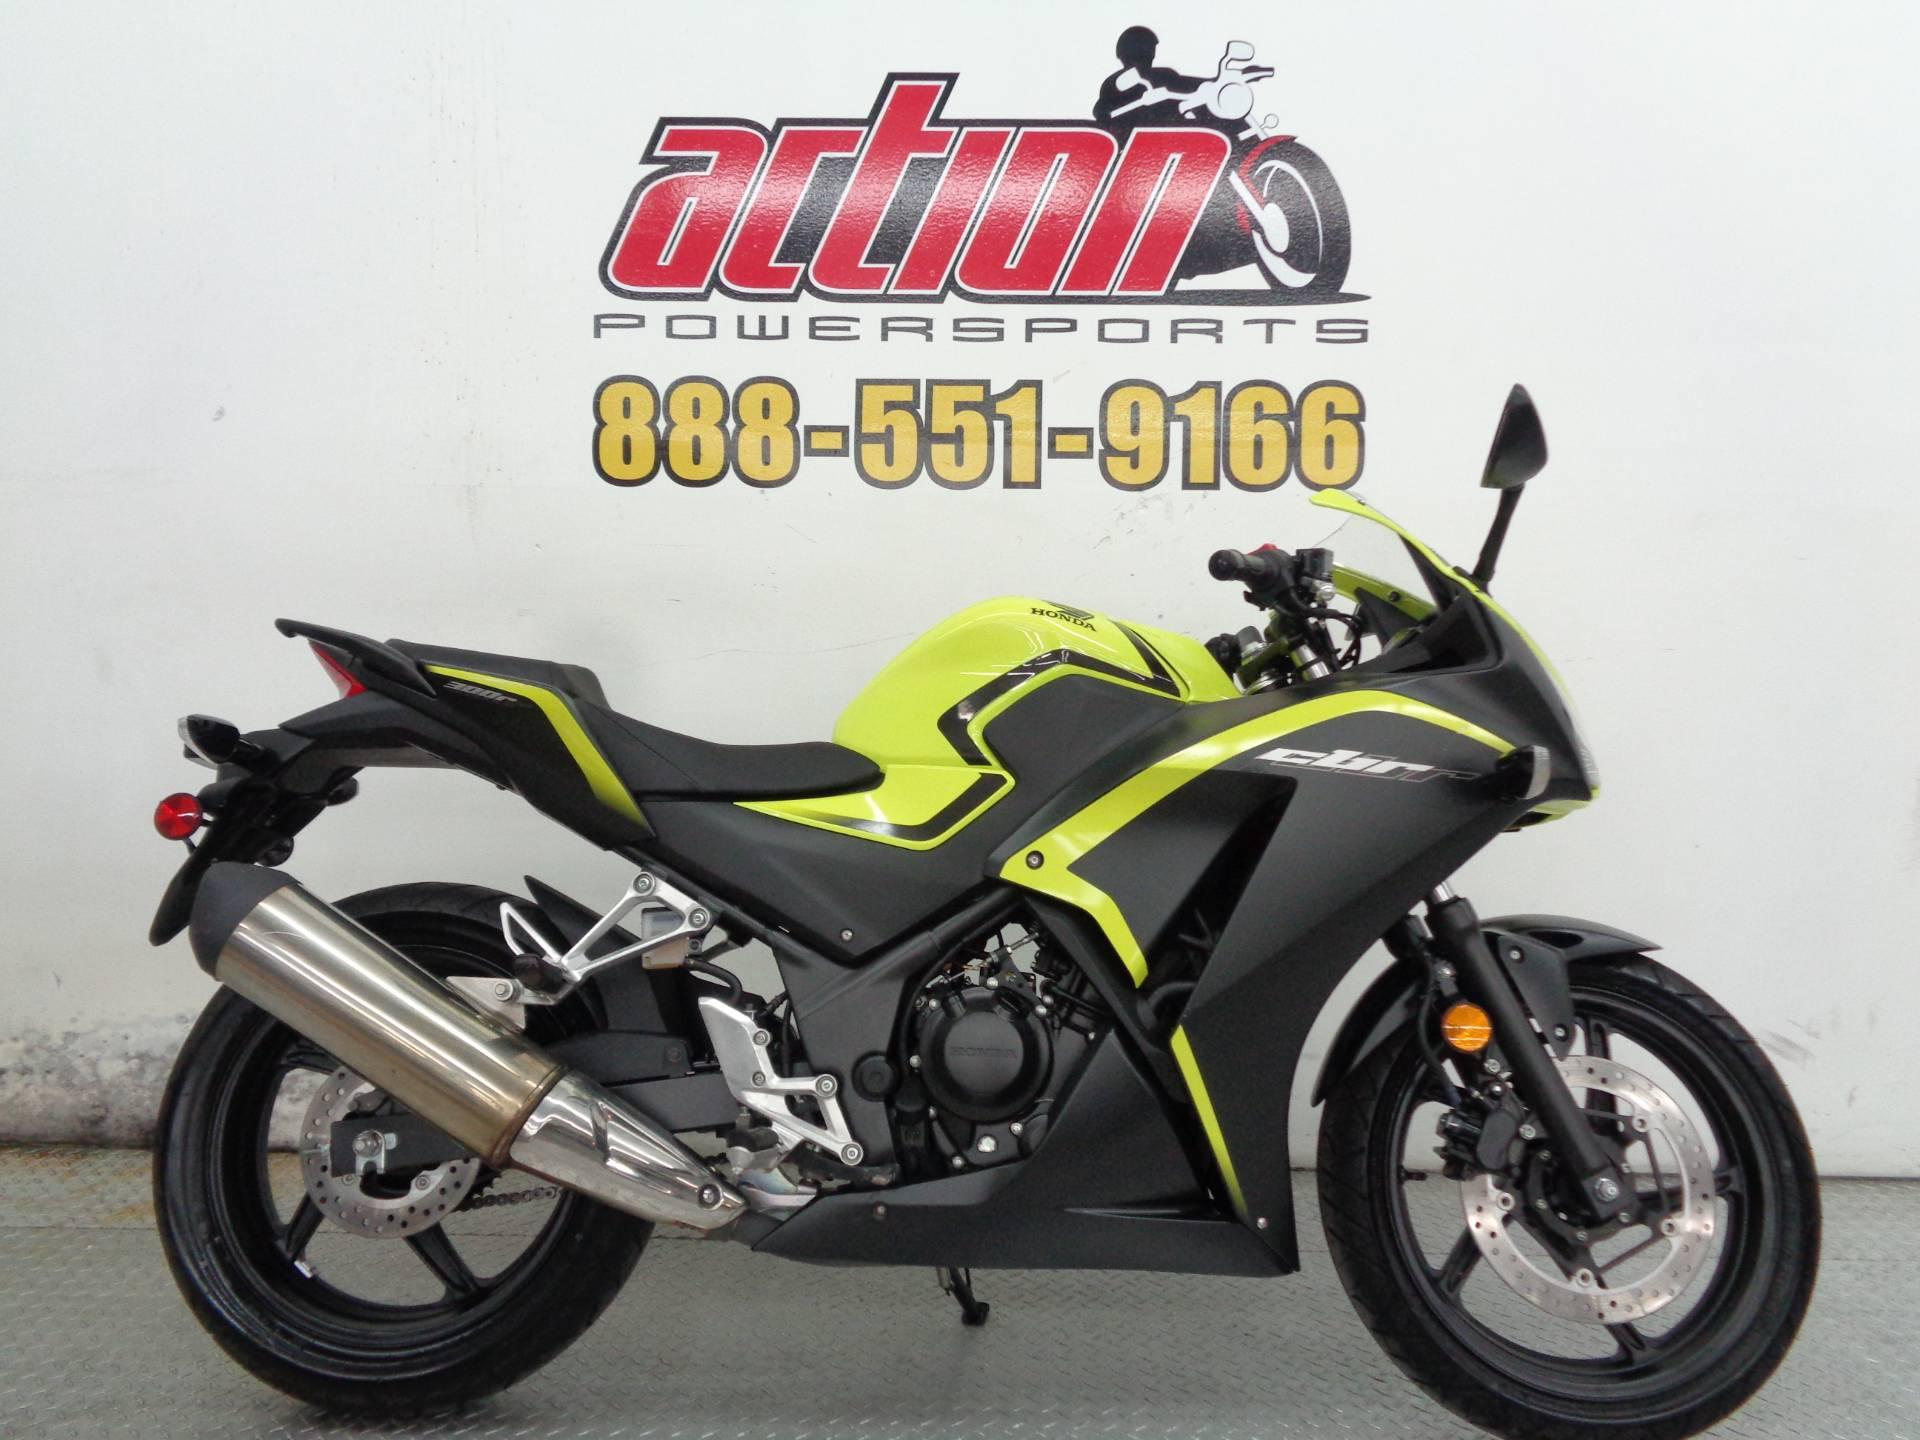 2016 Honda CBR300R For Sale Tulsa, OK : 58187